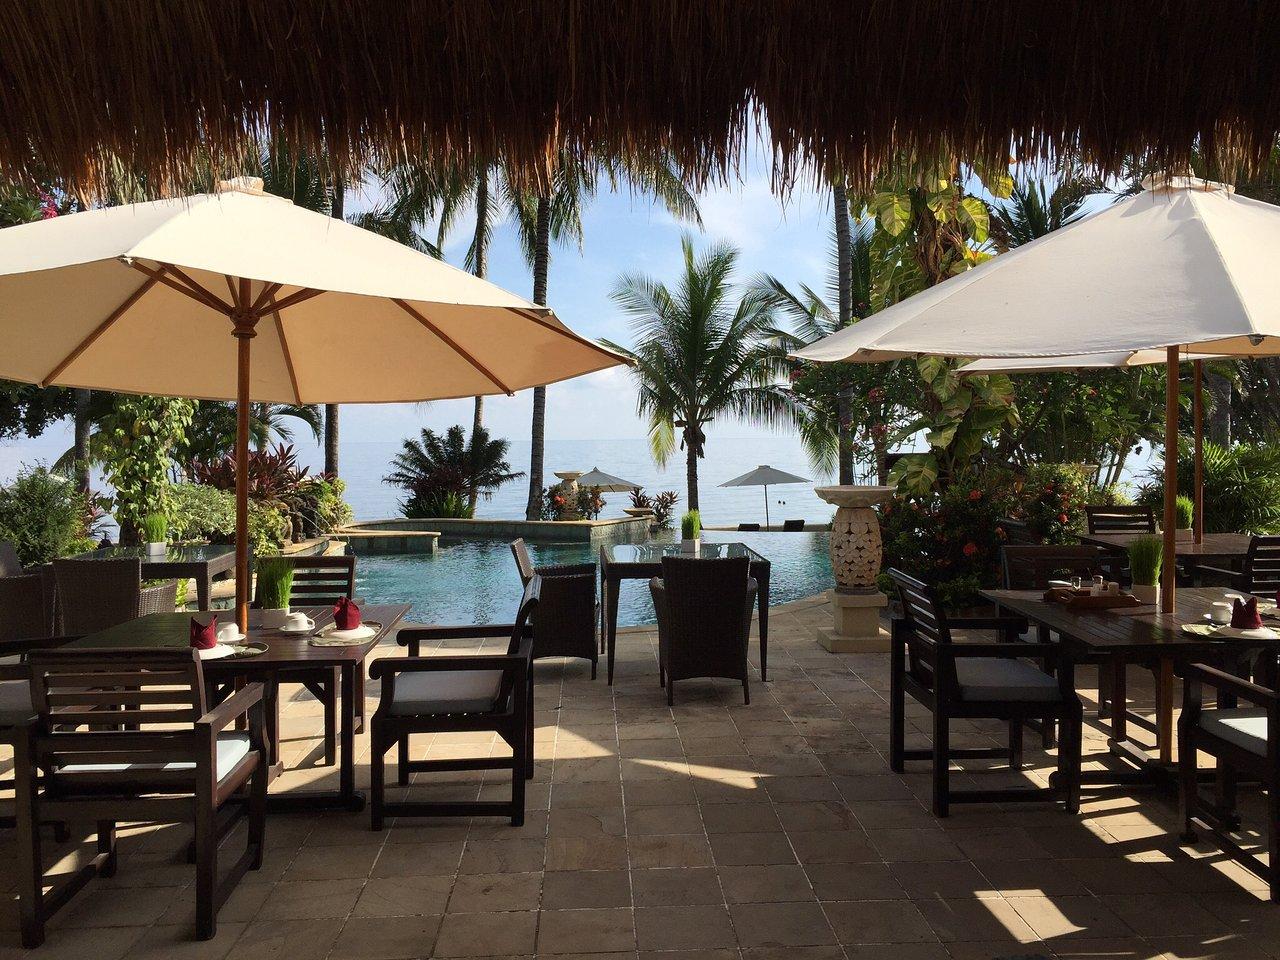 Alam Anda Ocean Front Resort Spa Prices Hotel Reviews Bali Tejakula Tripadvisor